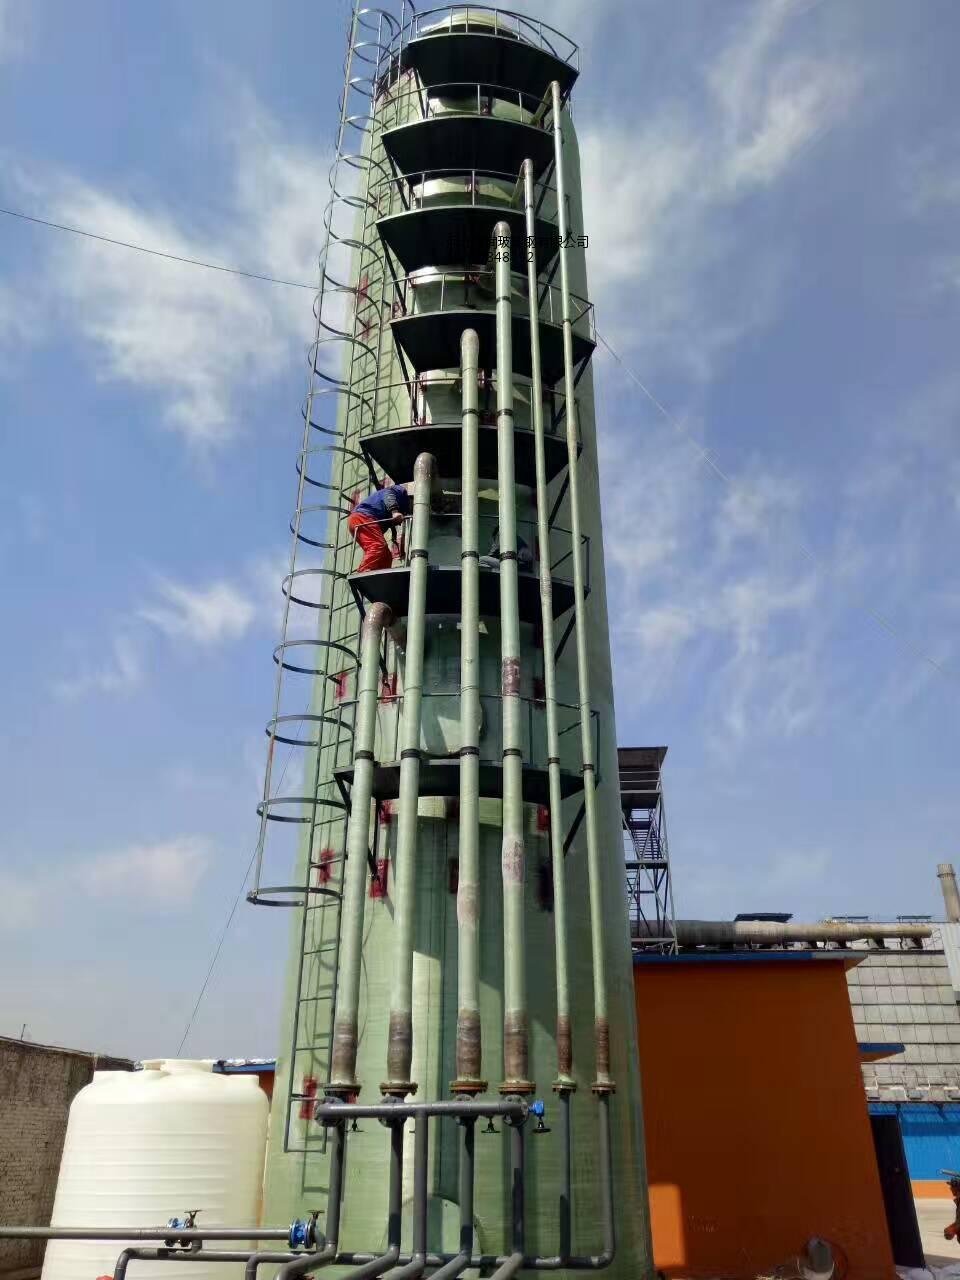 上等锅炉脱硫塔河北盛润玻璃钢脱硫塔供应-抢手的玻璃钢脱硫塔